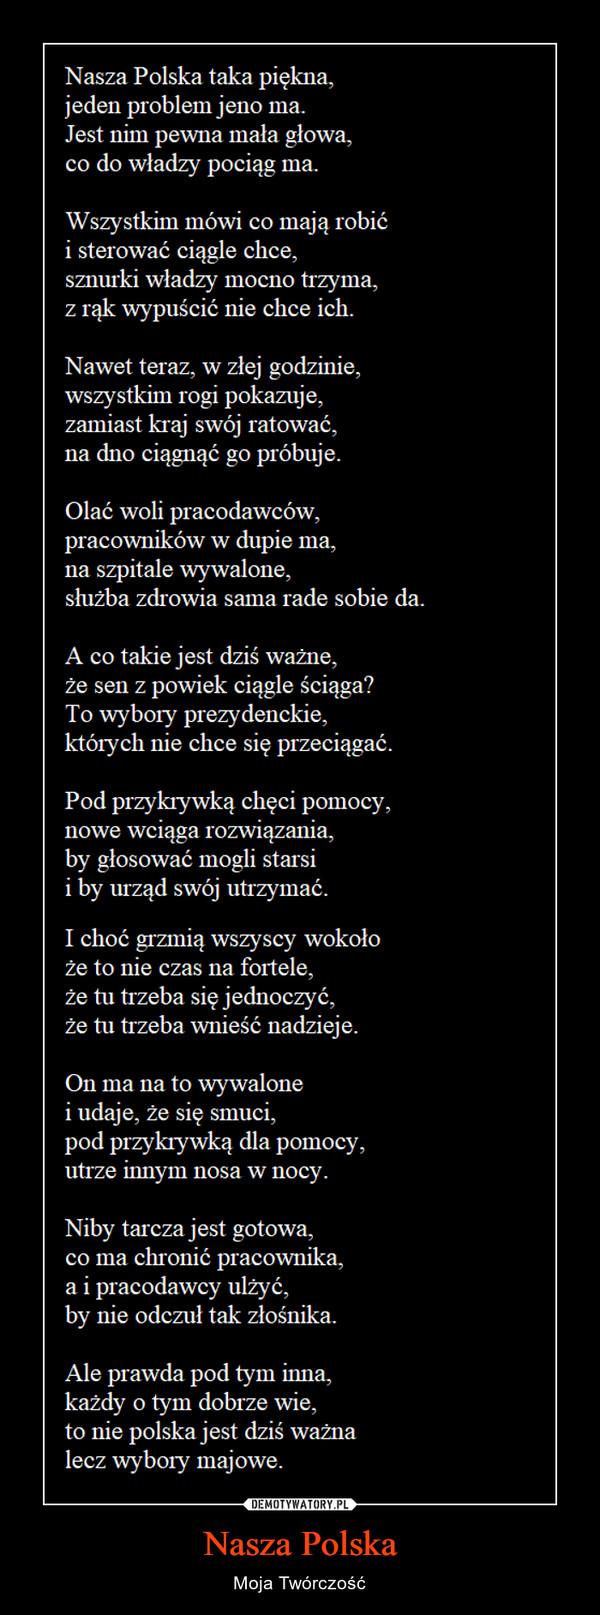 Nasza Polska – Moja Twórczość